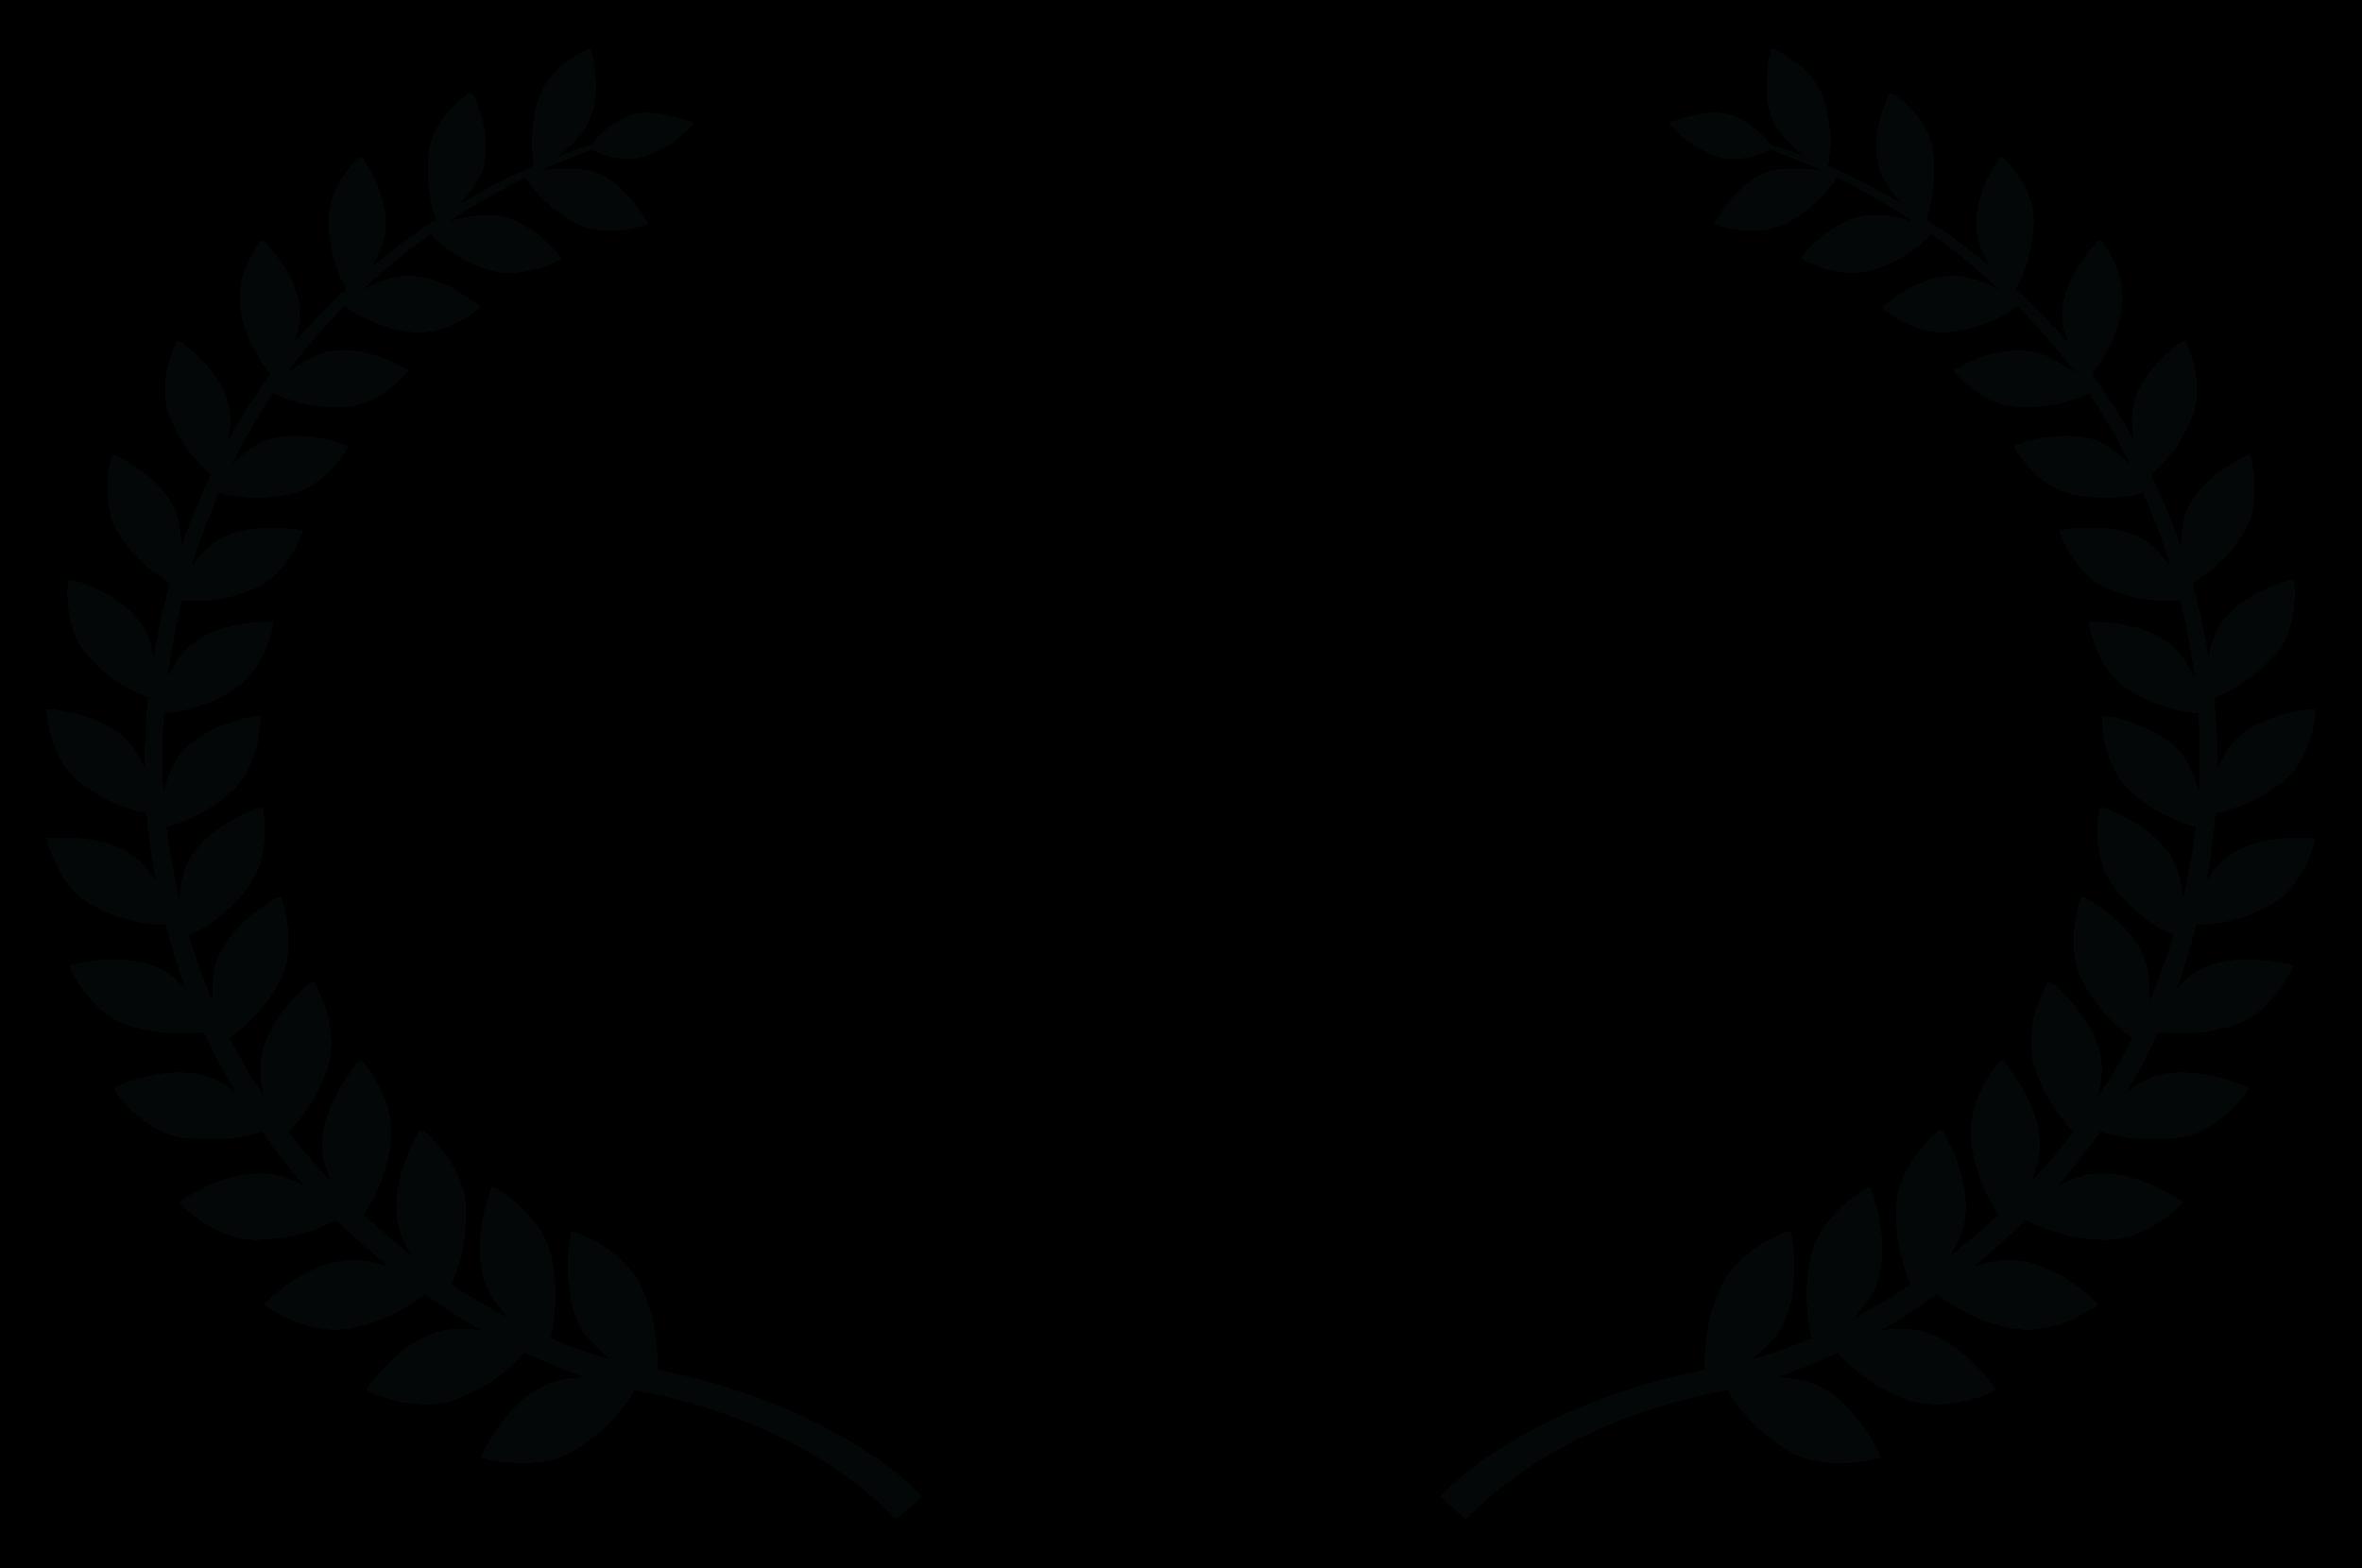 OFFICIALSELECTION-OregonShortFilmFestival-2018.png